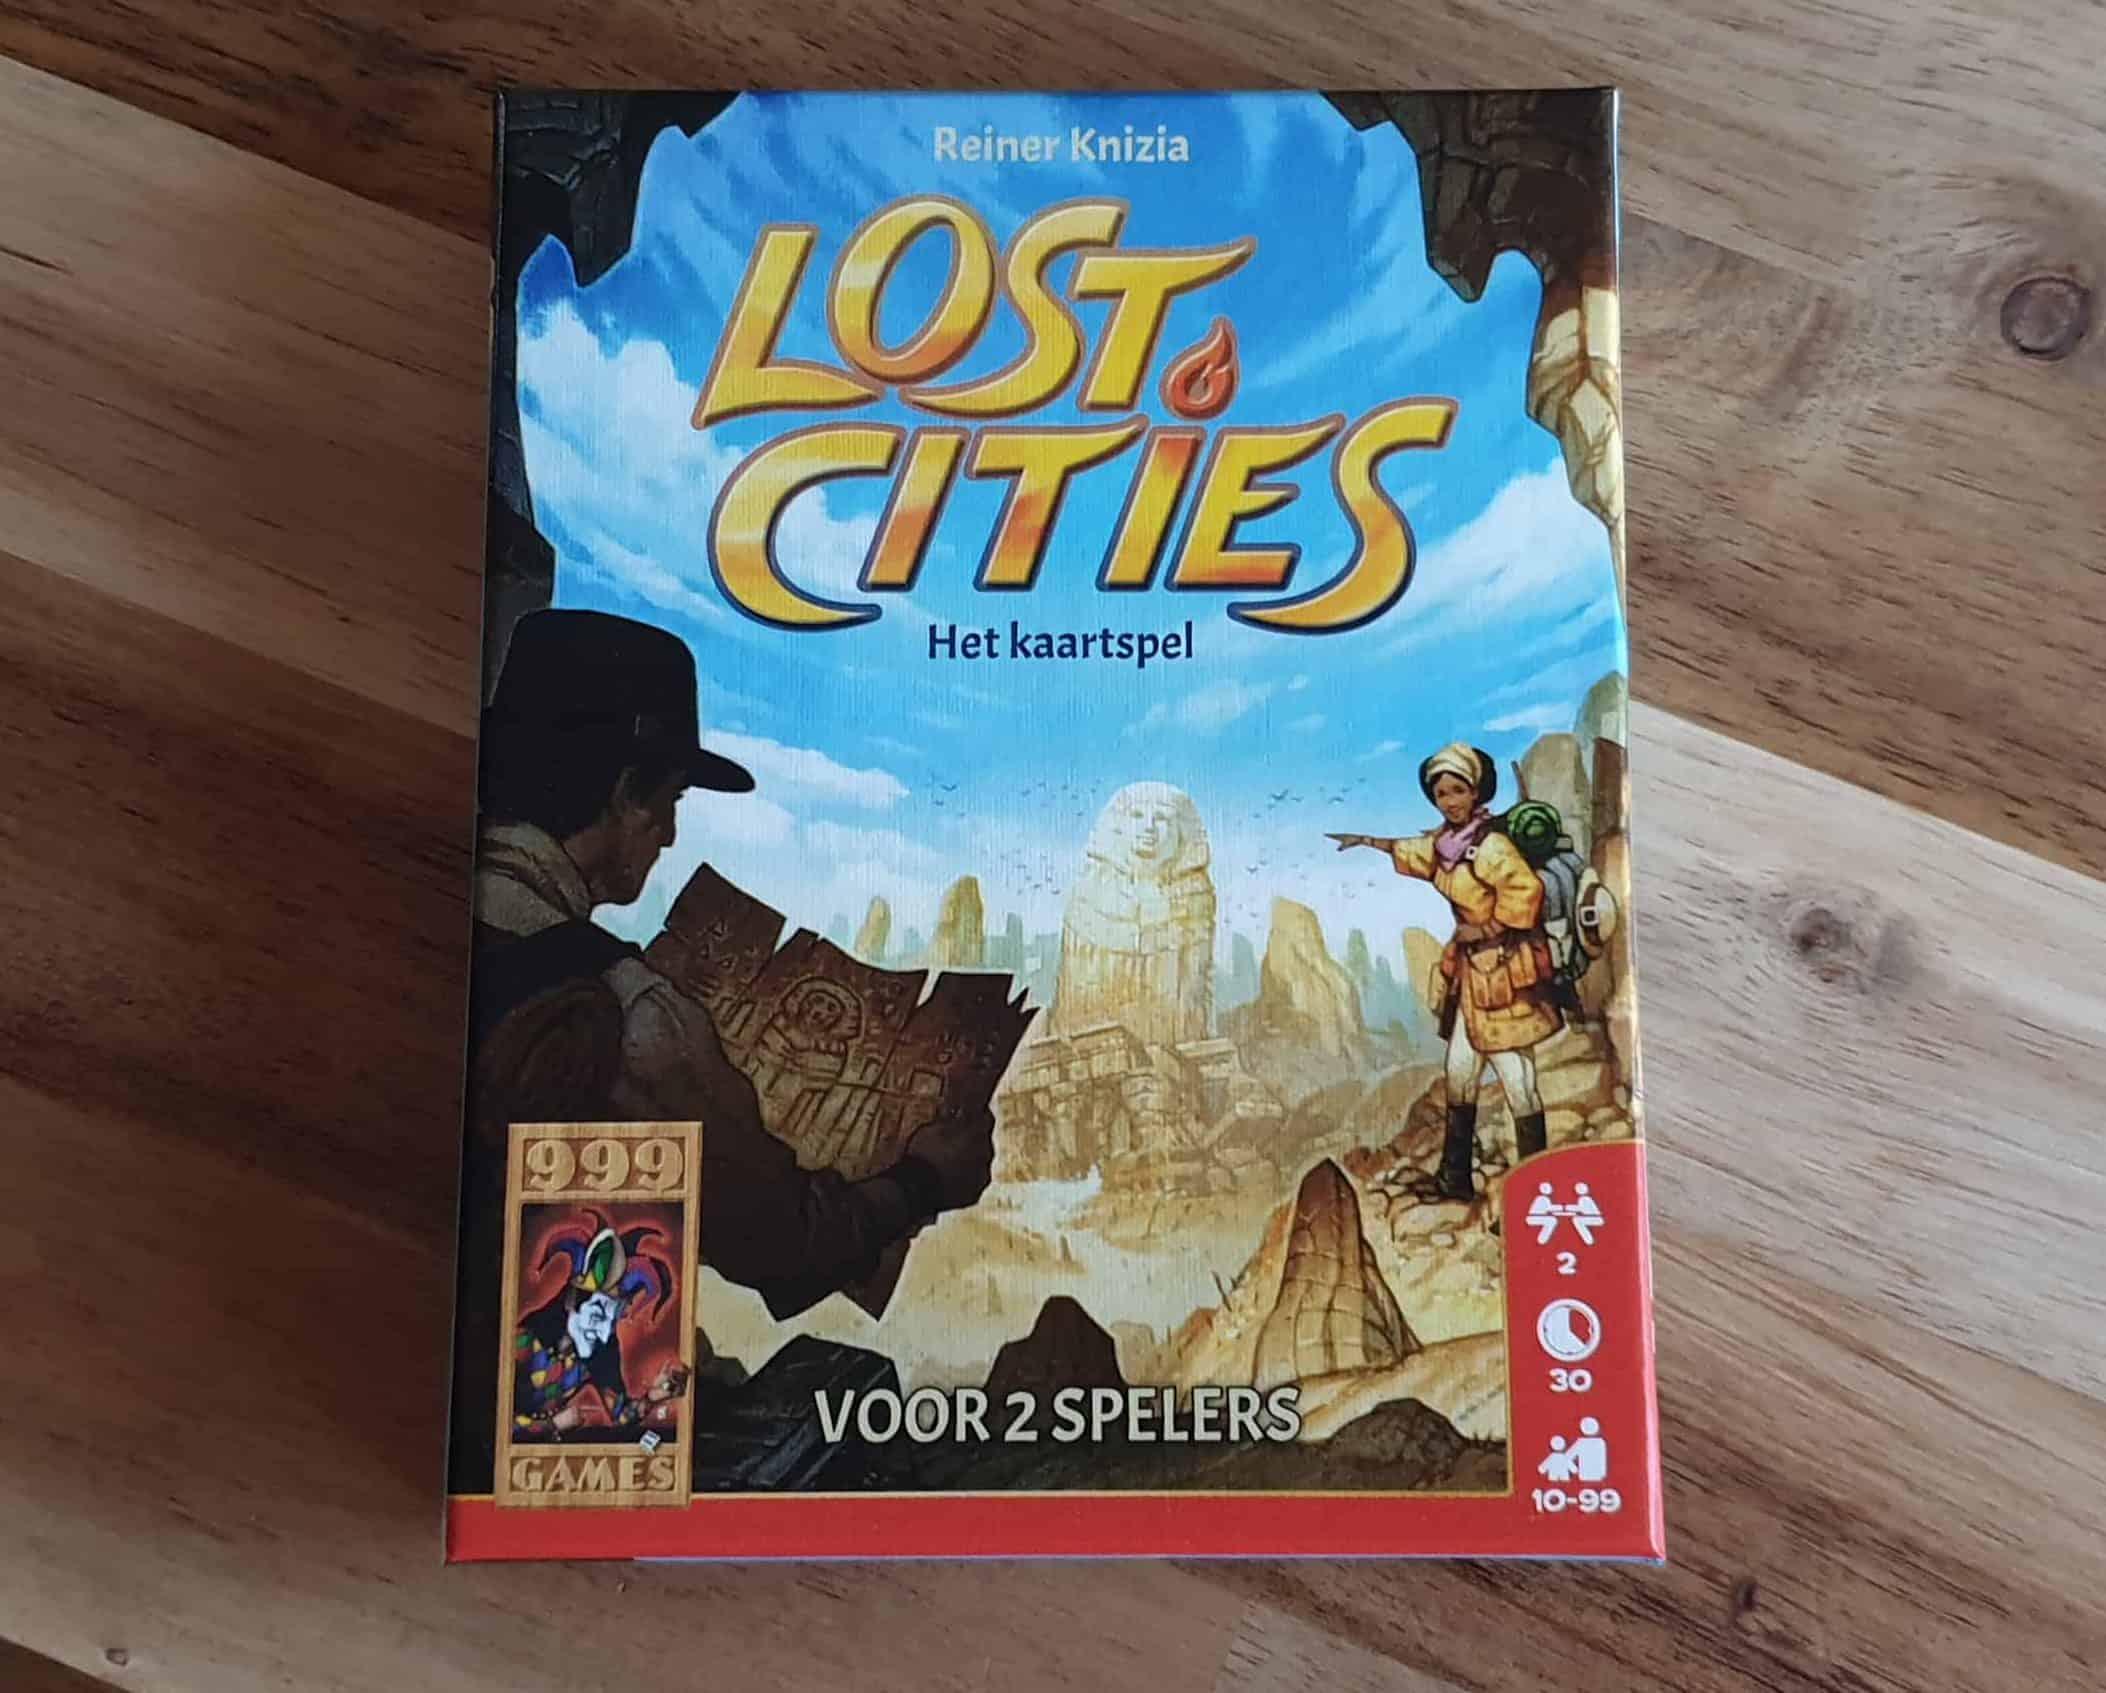 Lost cities het kaartspel voorkant doos